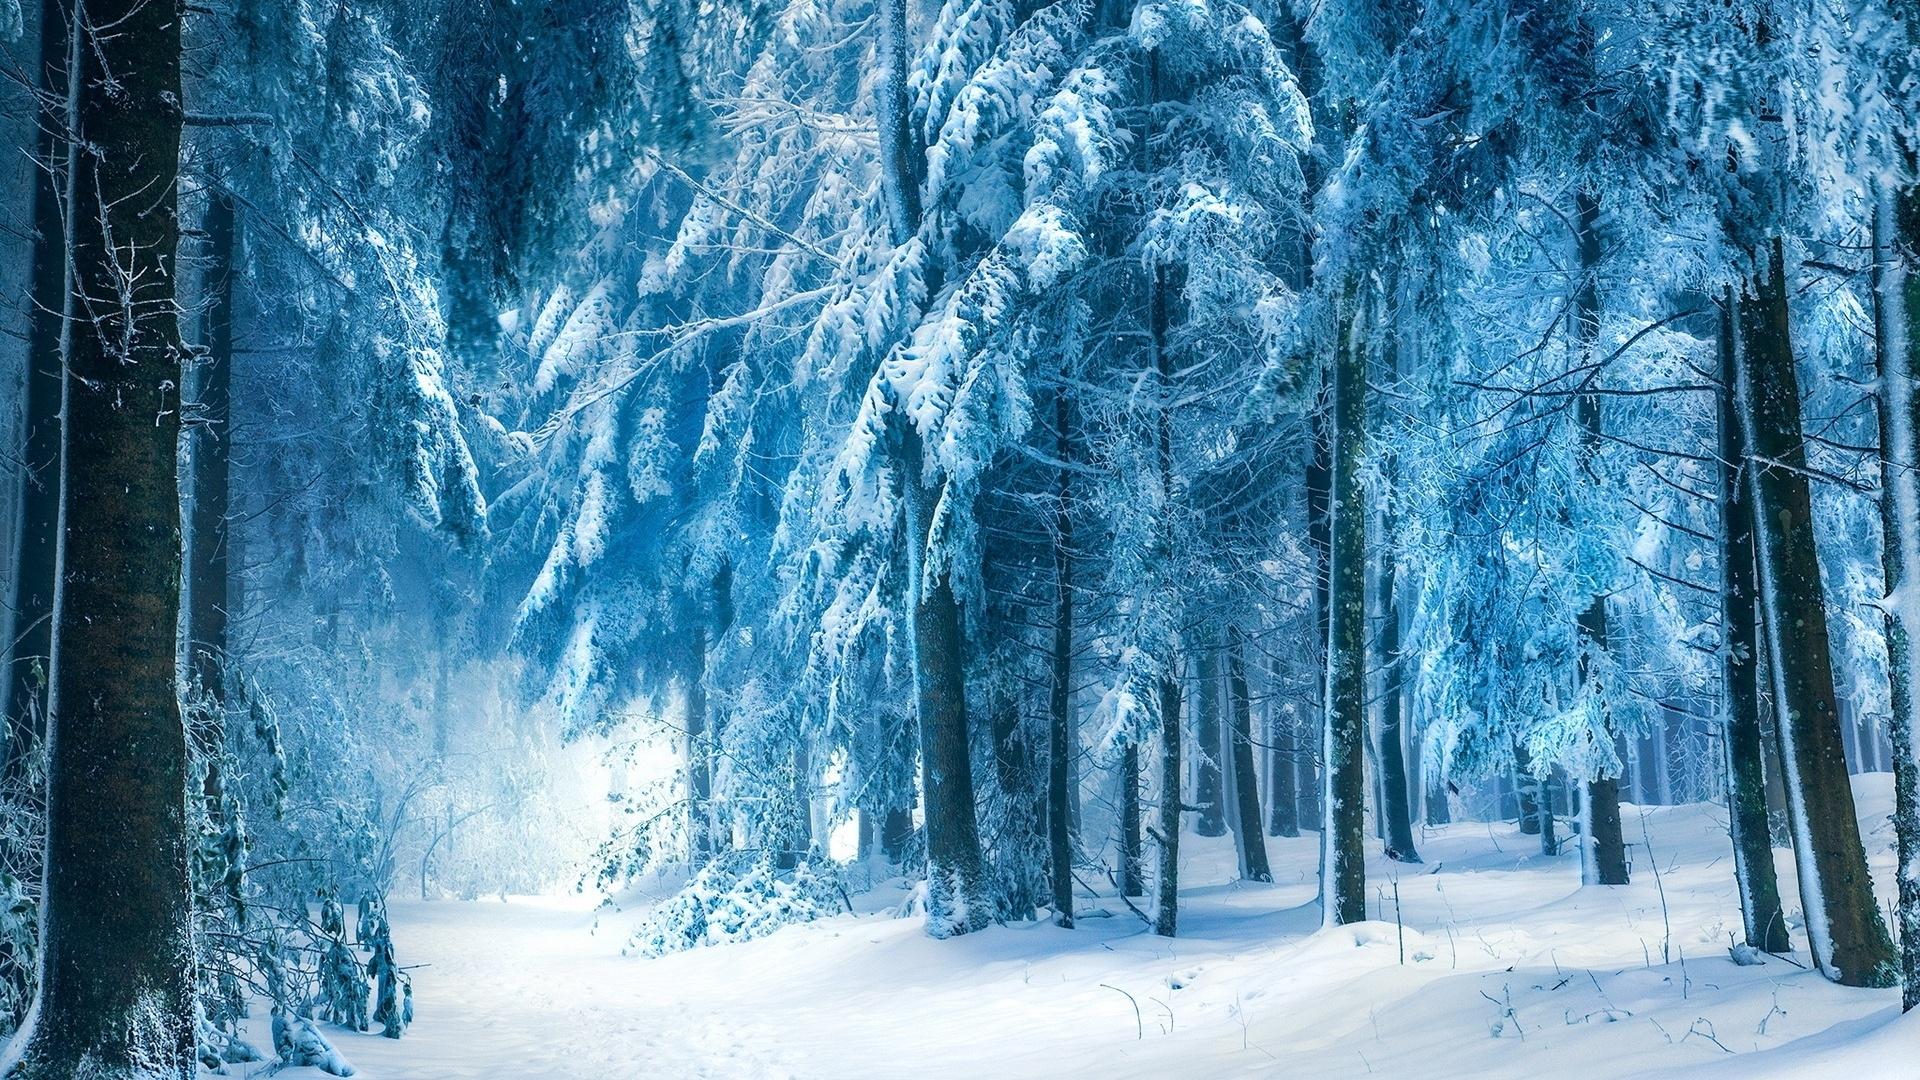 dark snowy forest hd desktop wallpaper, instagram photo, background